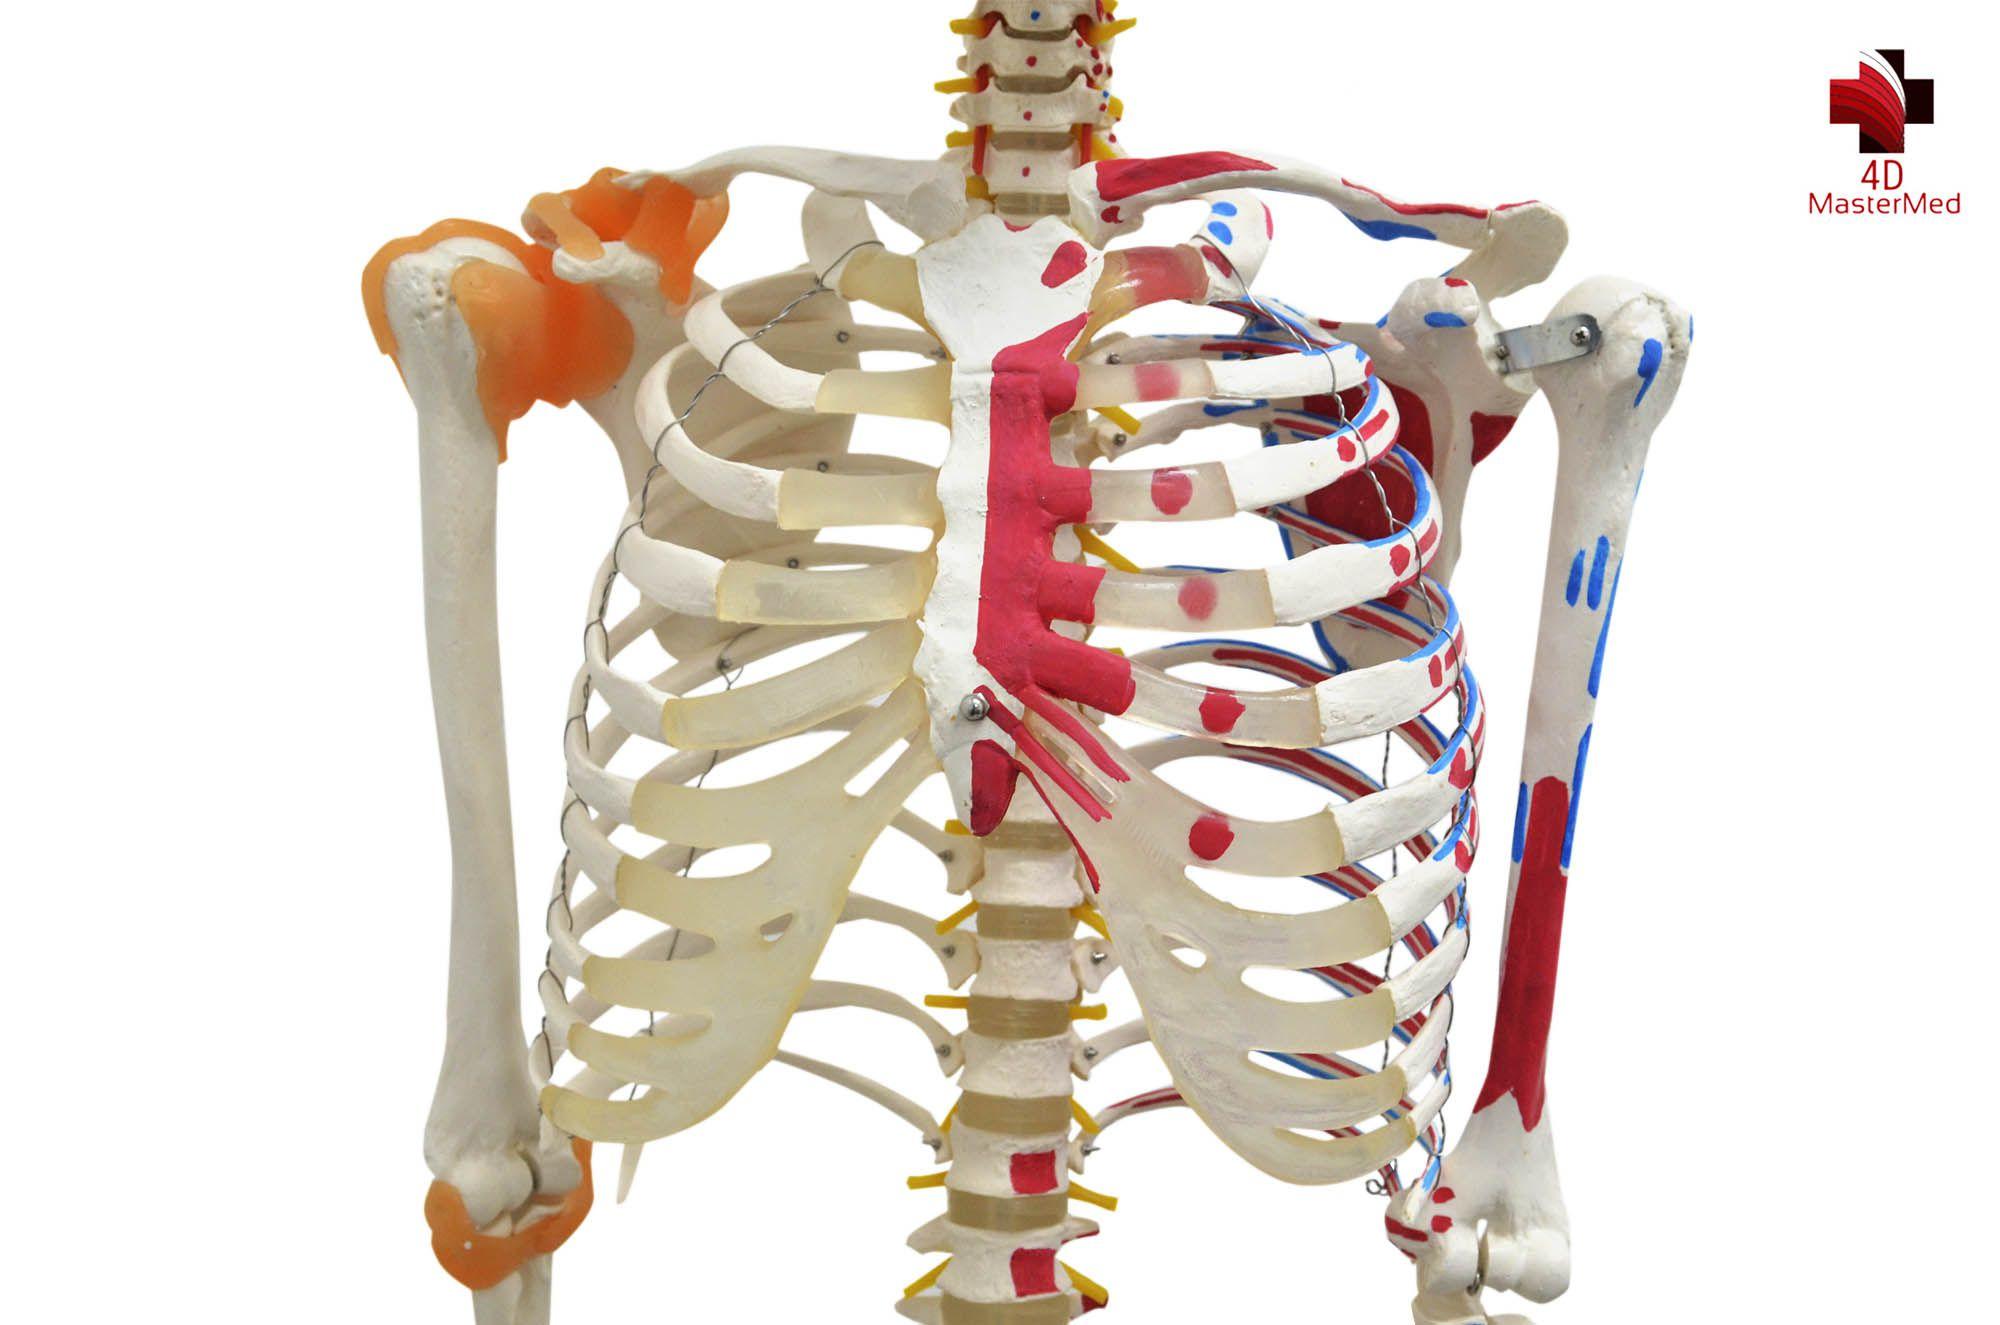 Anatomia do Esqueleto Humano 1,80 articulado com ligamentos e músculos